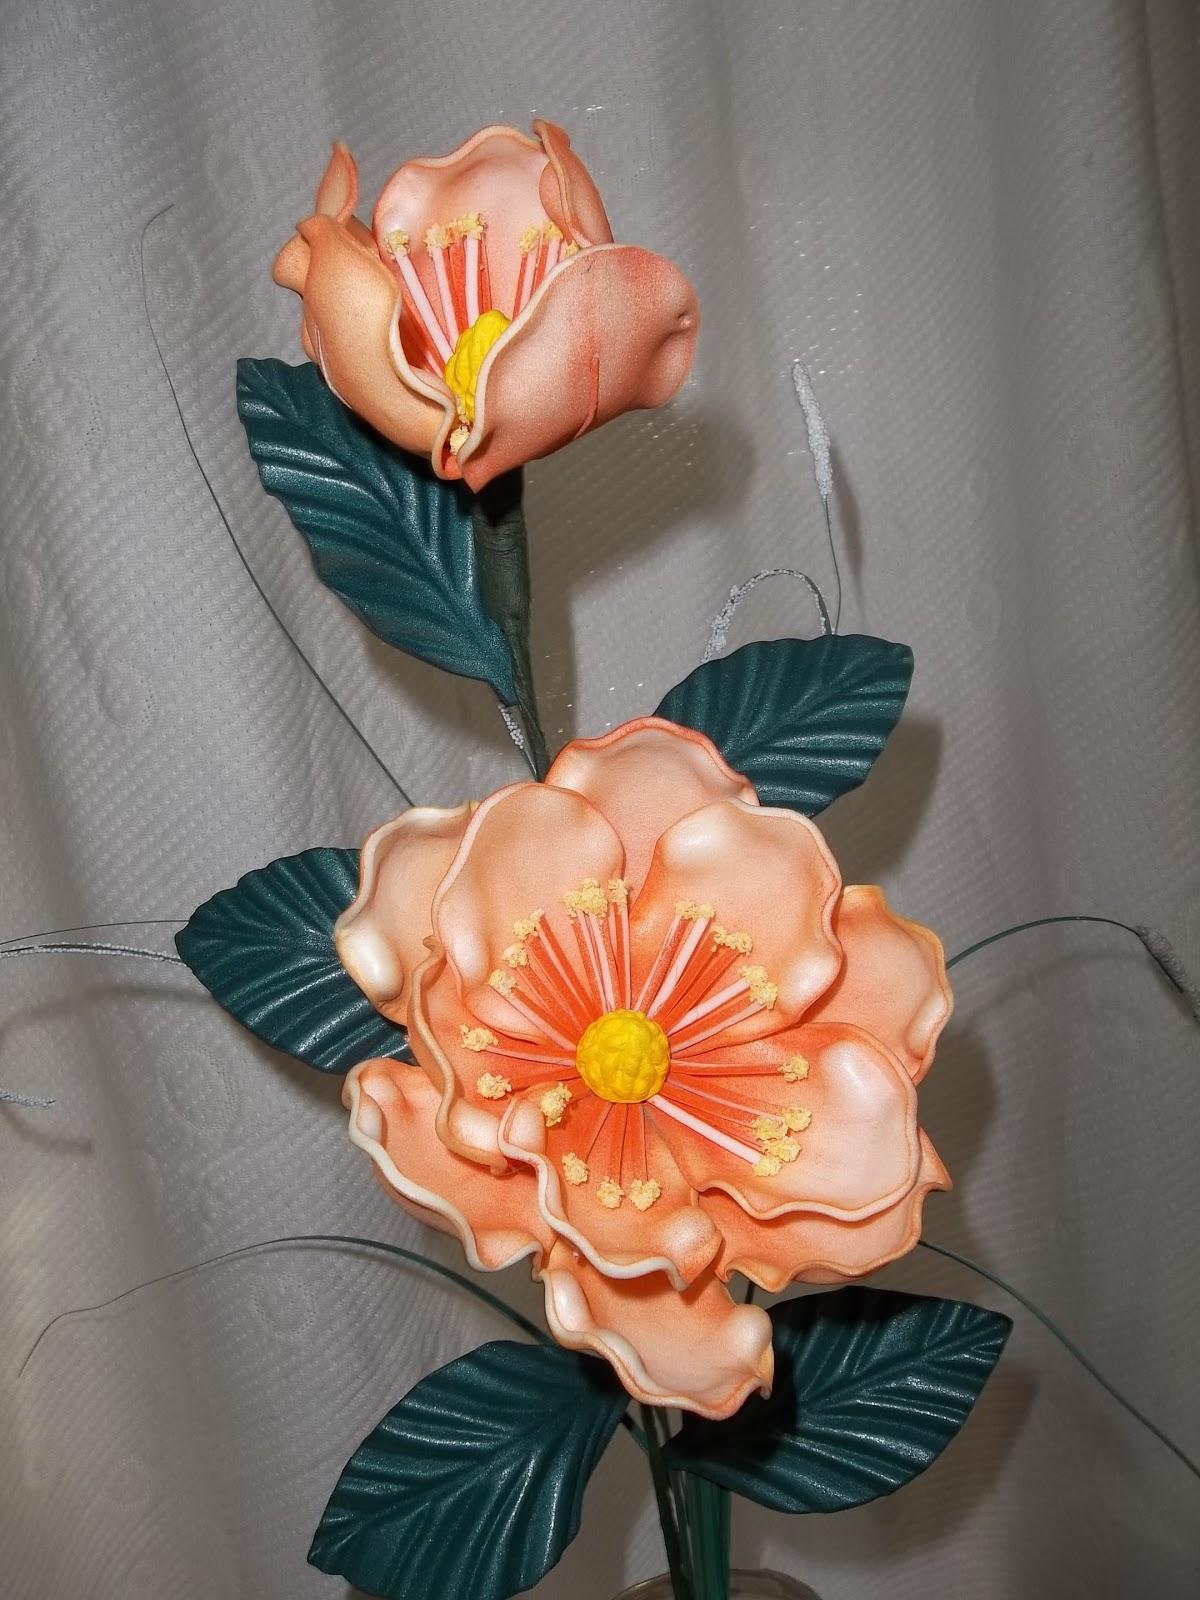 Galérias de imágenes de Flores Pedia Florespedia com - Imagenes De Flores Magnolias